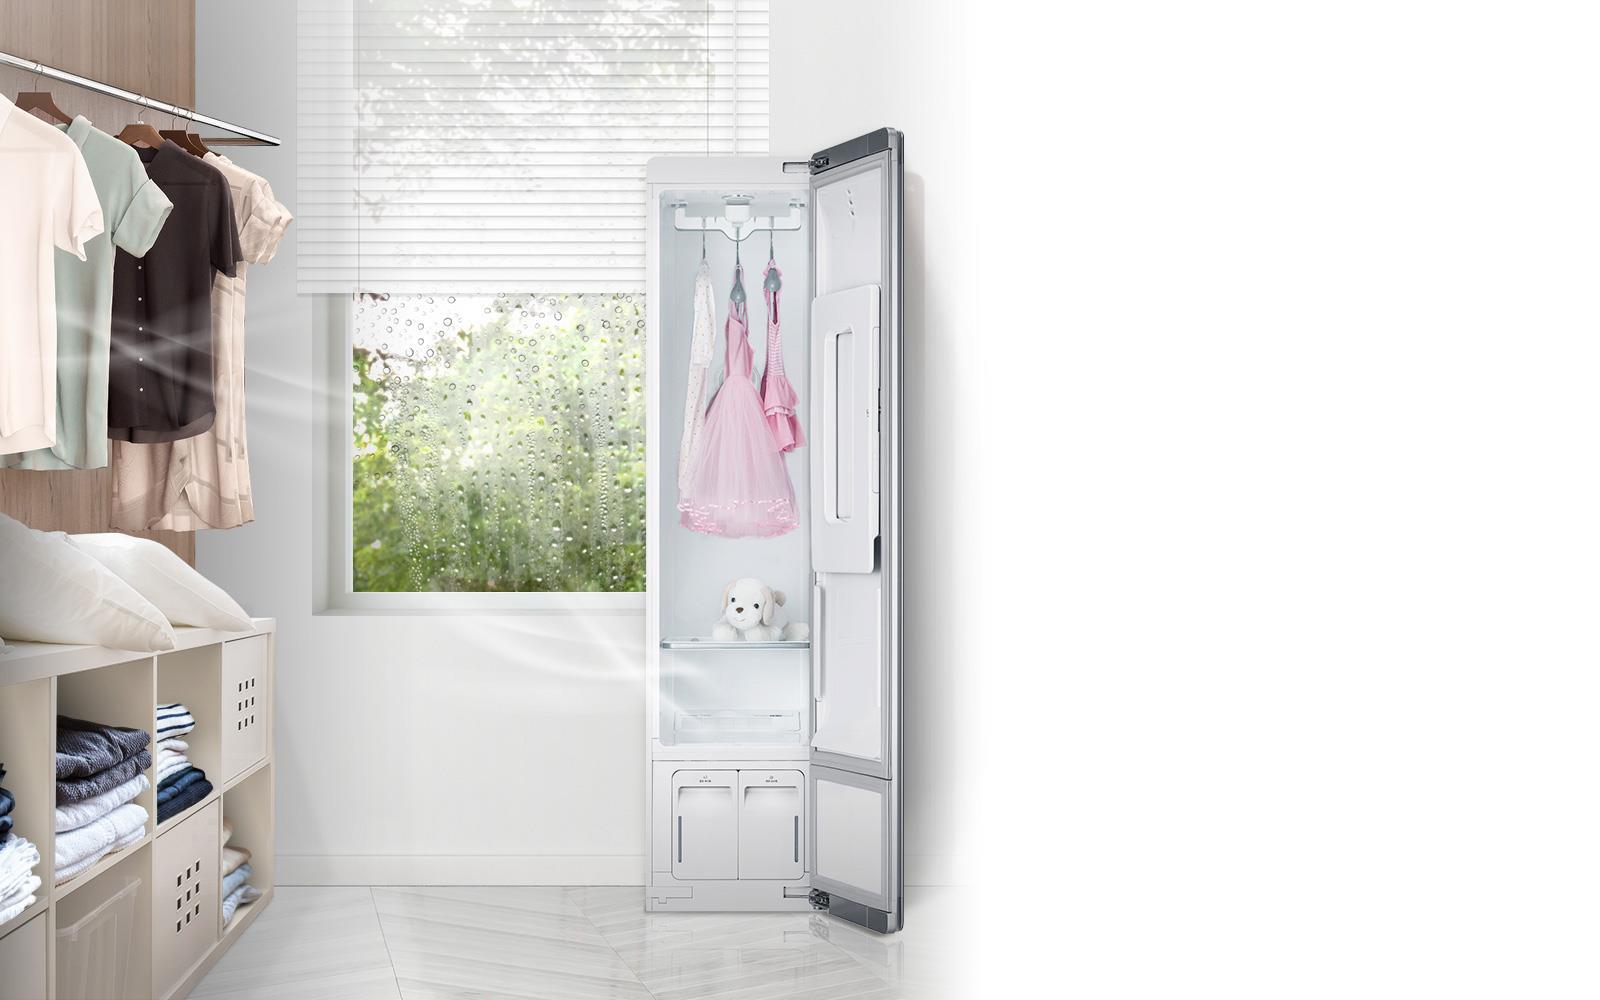 LG Styler khử khuẩn trang phục, bảo vệ không gian sống trong mùa dịch bệnh - Ảnh 5.